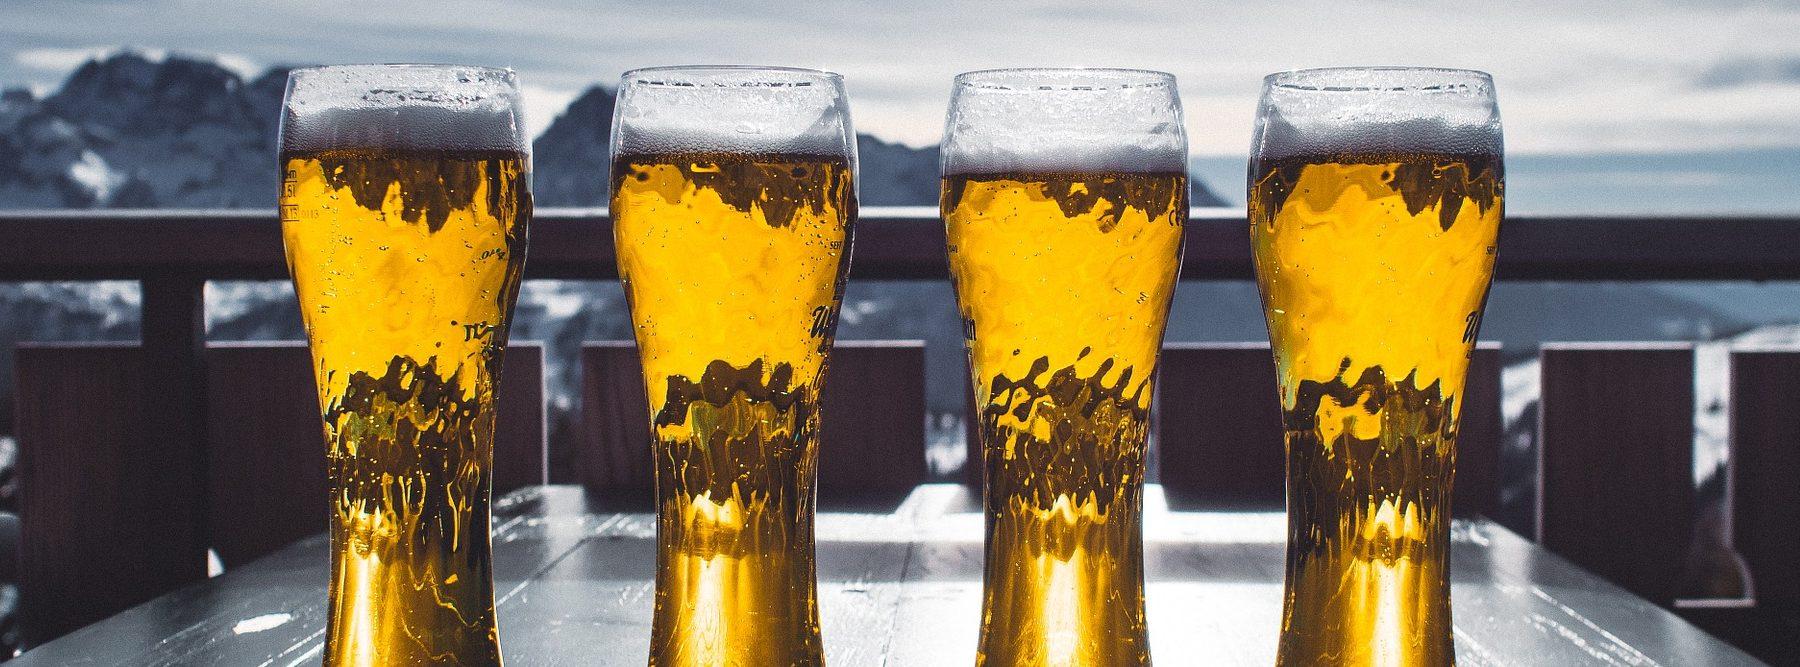 Día Internacional de la Cerveza: un brindis que puede combatir la contaminación del agua